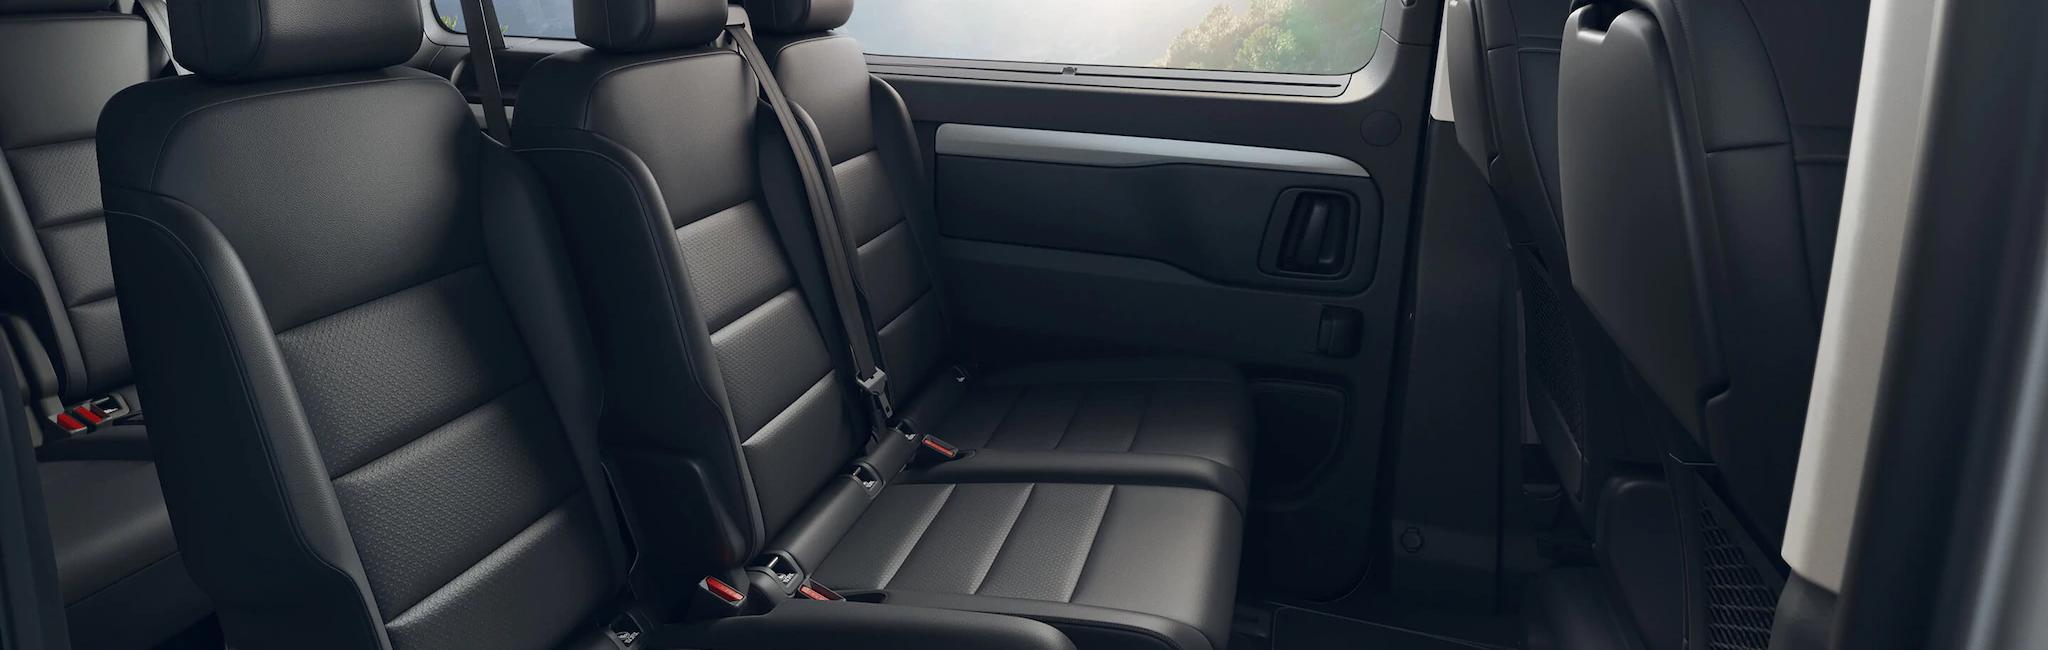 Opel_zafira_life_interior_seats_21x9_zal195_i01_013